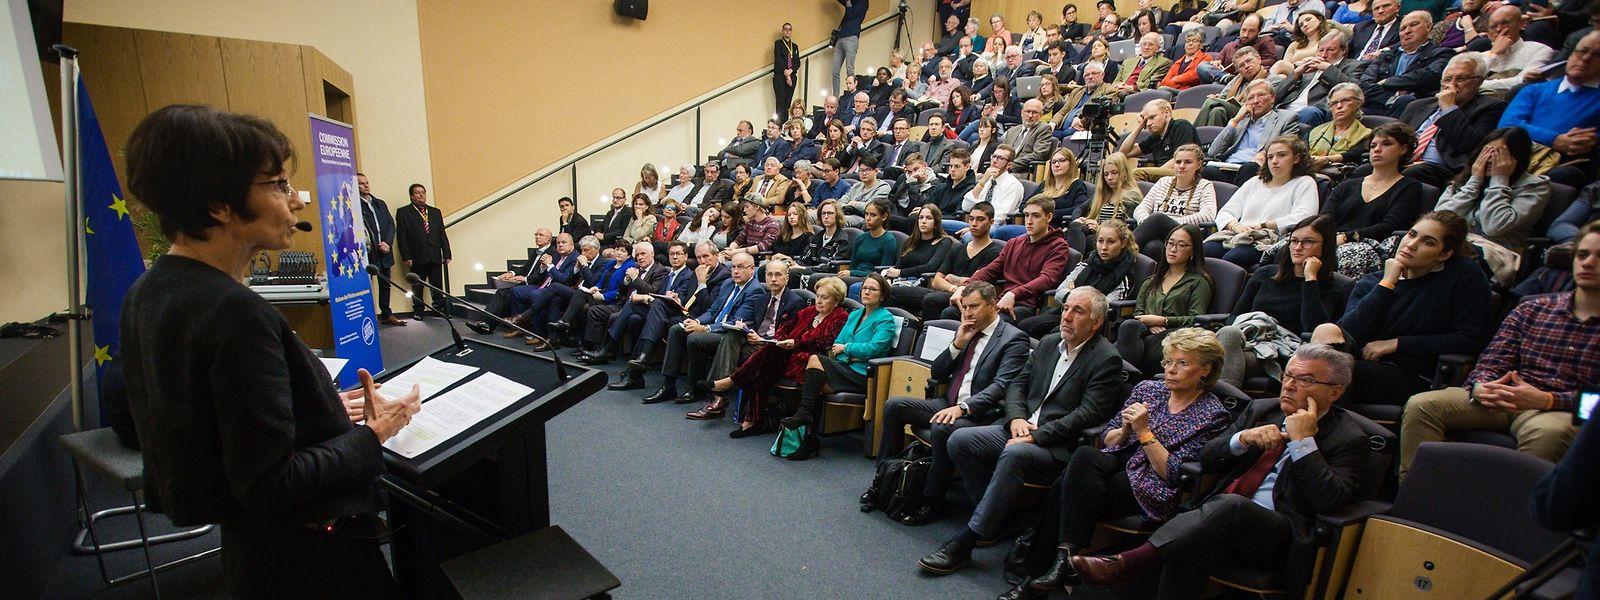 Dialoge zwischen EU-Politikern und Bürgern hat es auch unter der Vorgängerkommission von Jean-Claude Juncker gegeben. Ursula von der Leyen hat ein konkreteres Vorgehen versprochen.